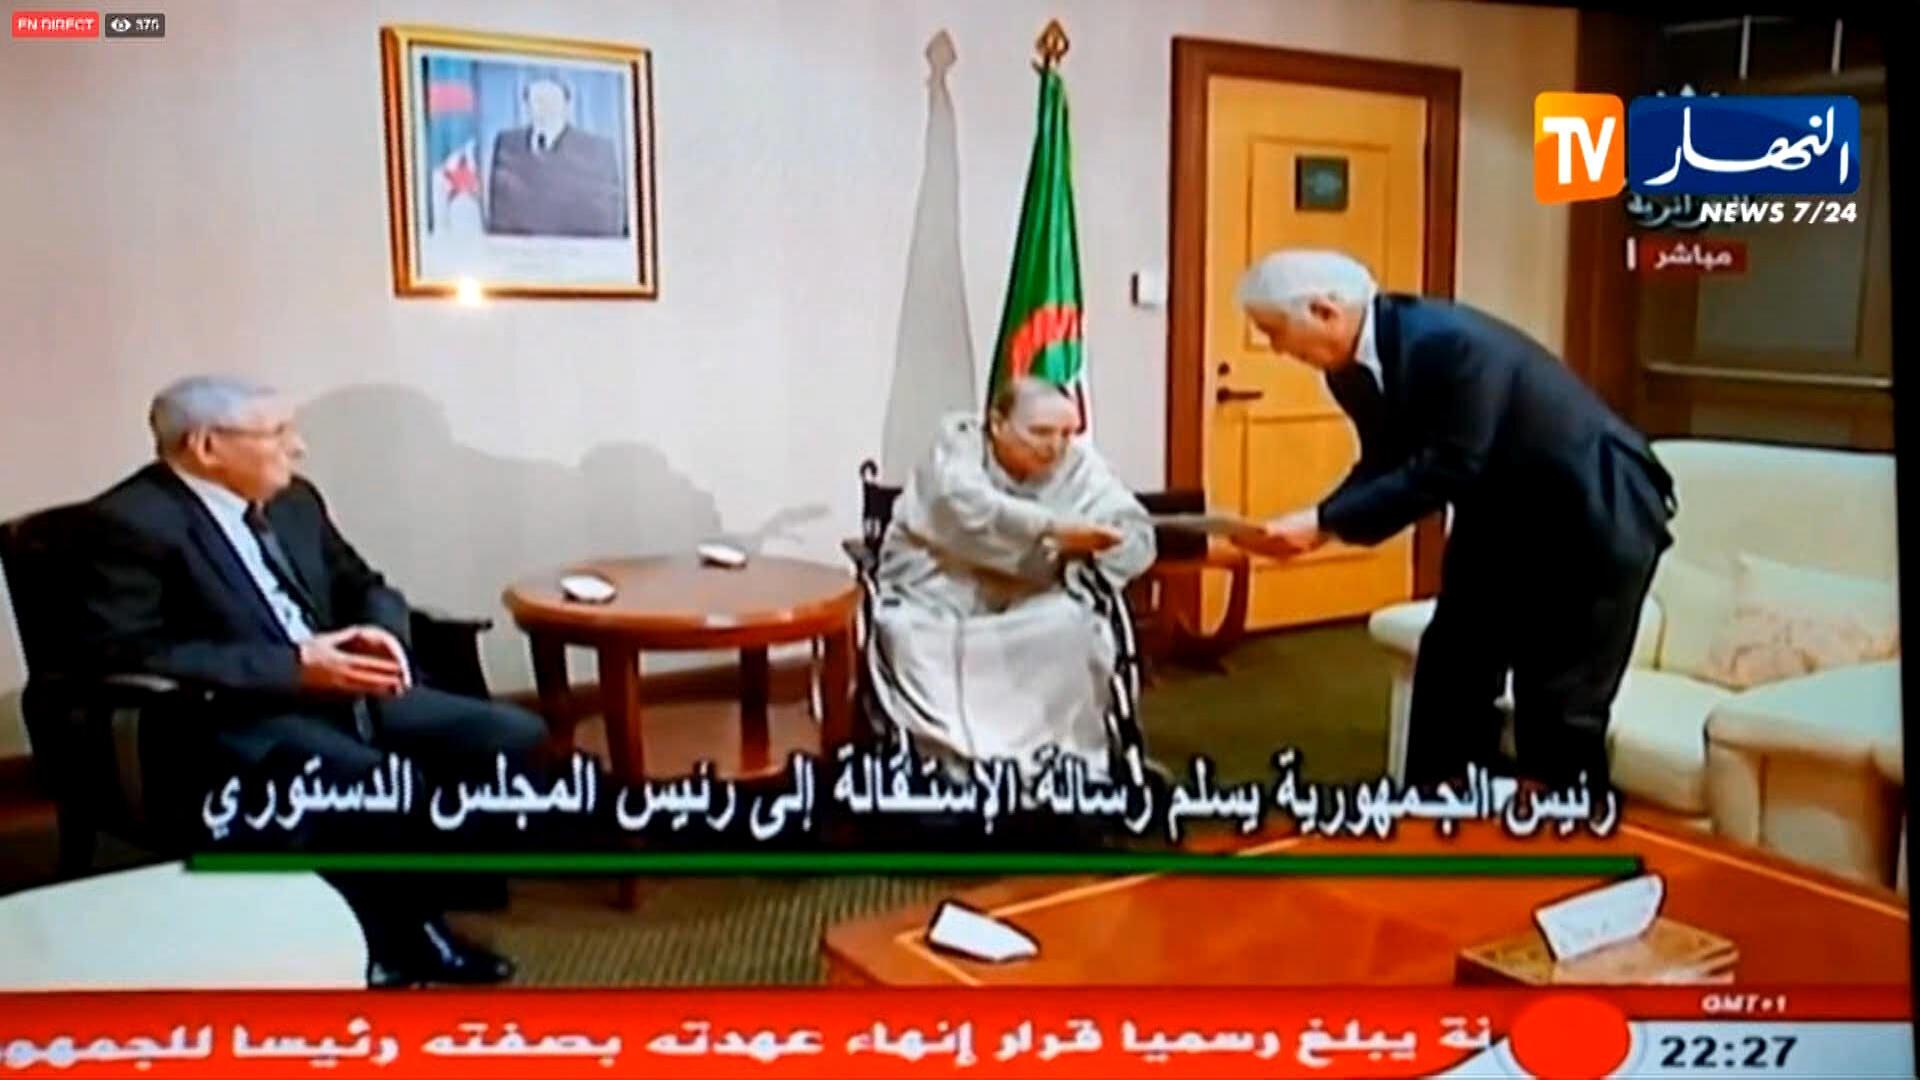 Image d'une vidéo d'Ennahar TV qui montre le président Bouteflika en train de remettre sa lettre de démission, le 2 avril 2019.